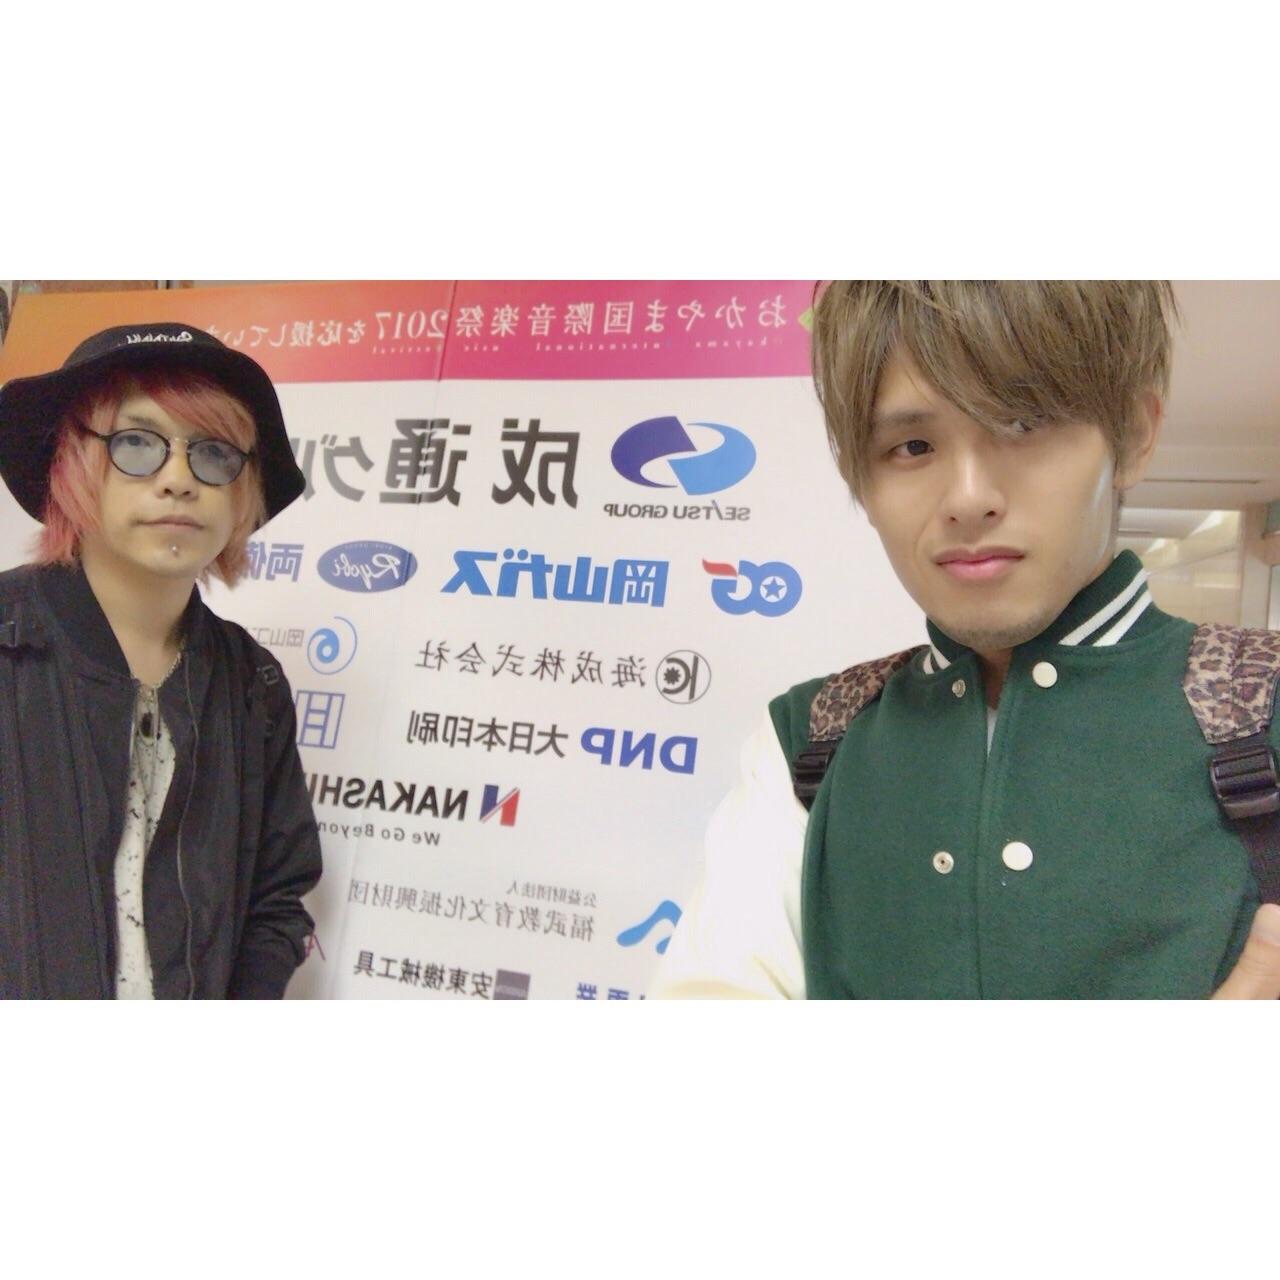 f:id:Yosuke0912:20171002231838j:image